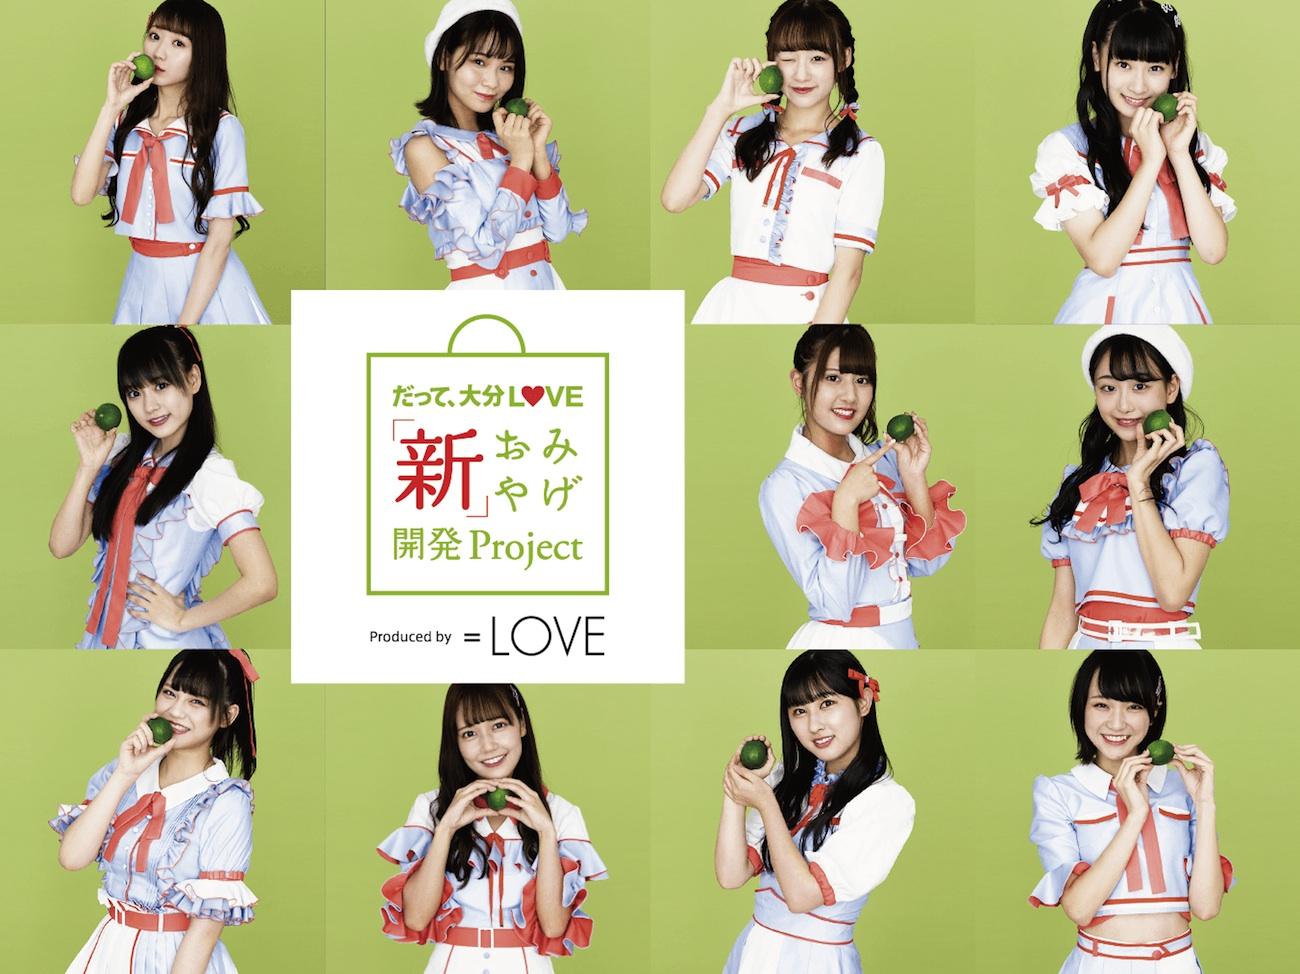 =LOVE(イコールラブ)「だって、大分LOVE「新」おみやげ開発Project」